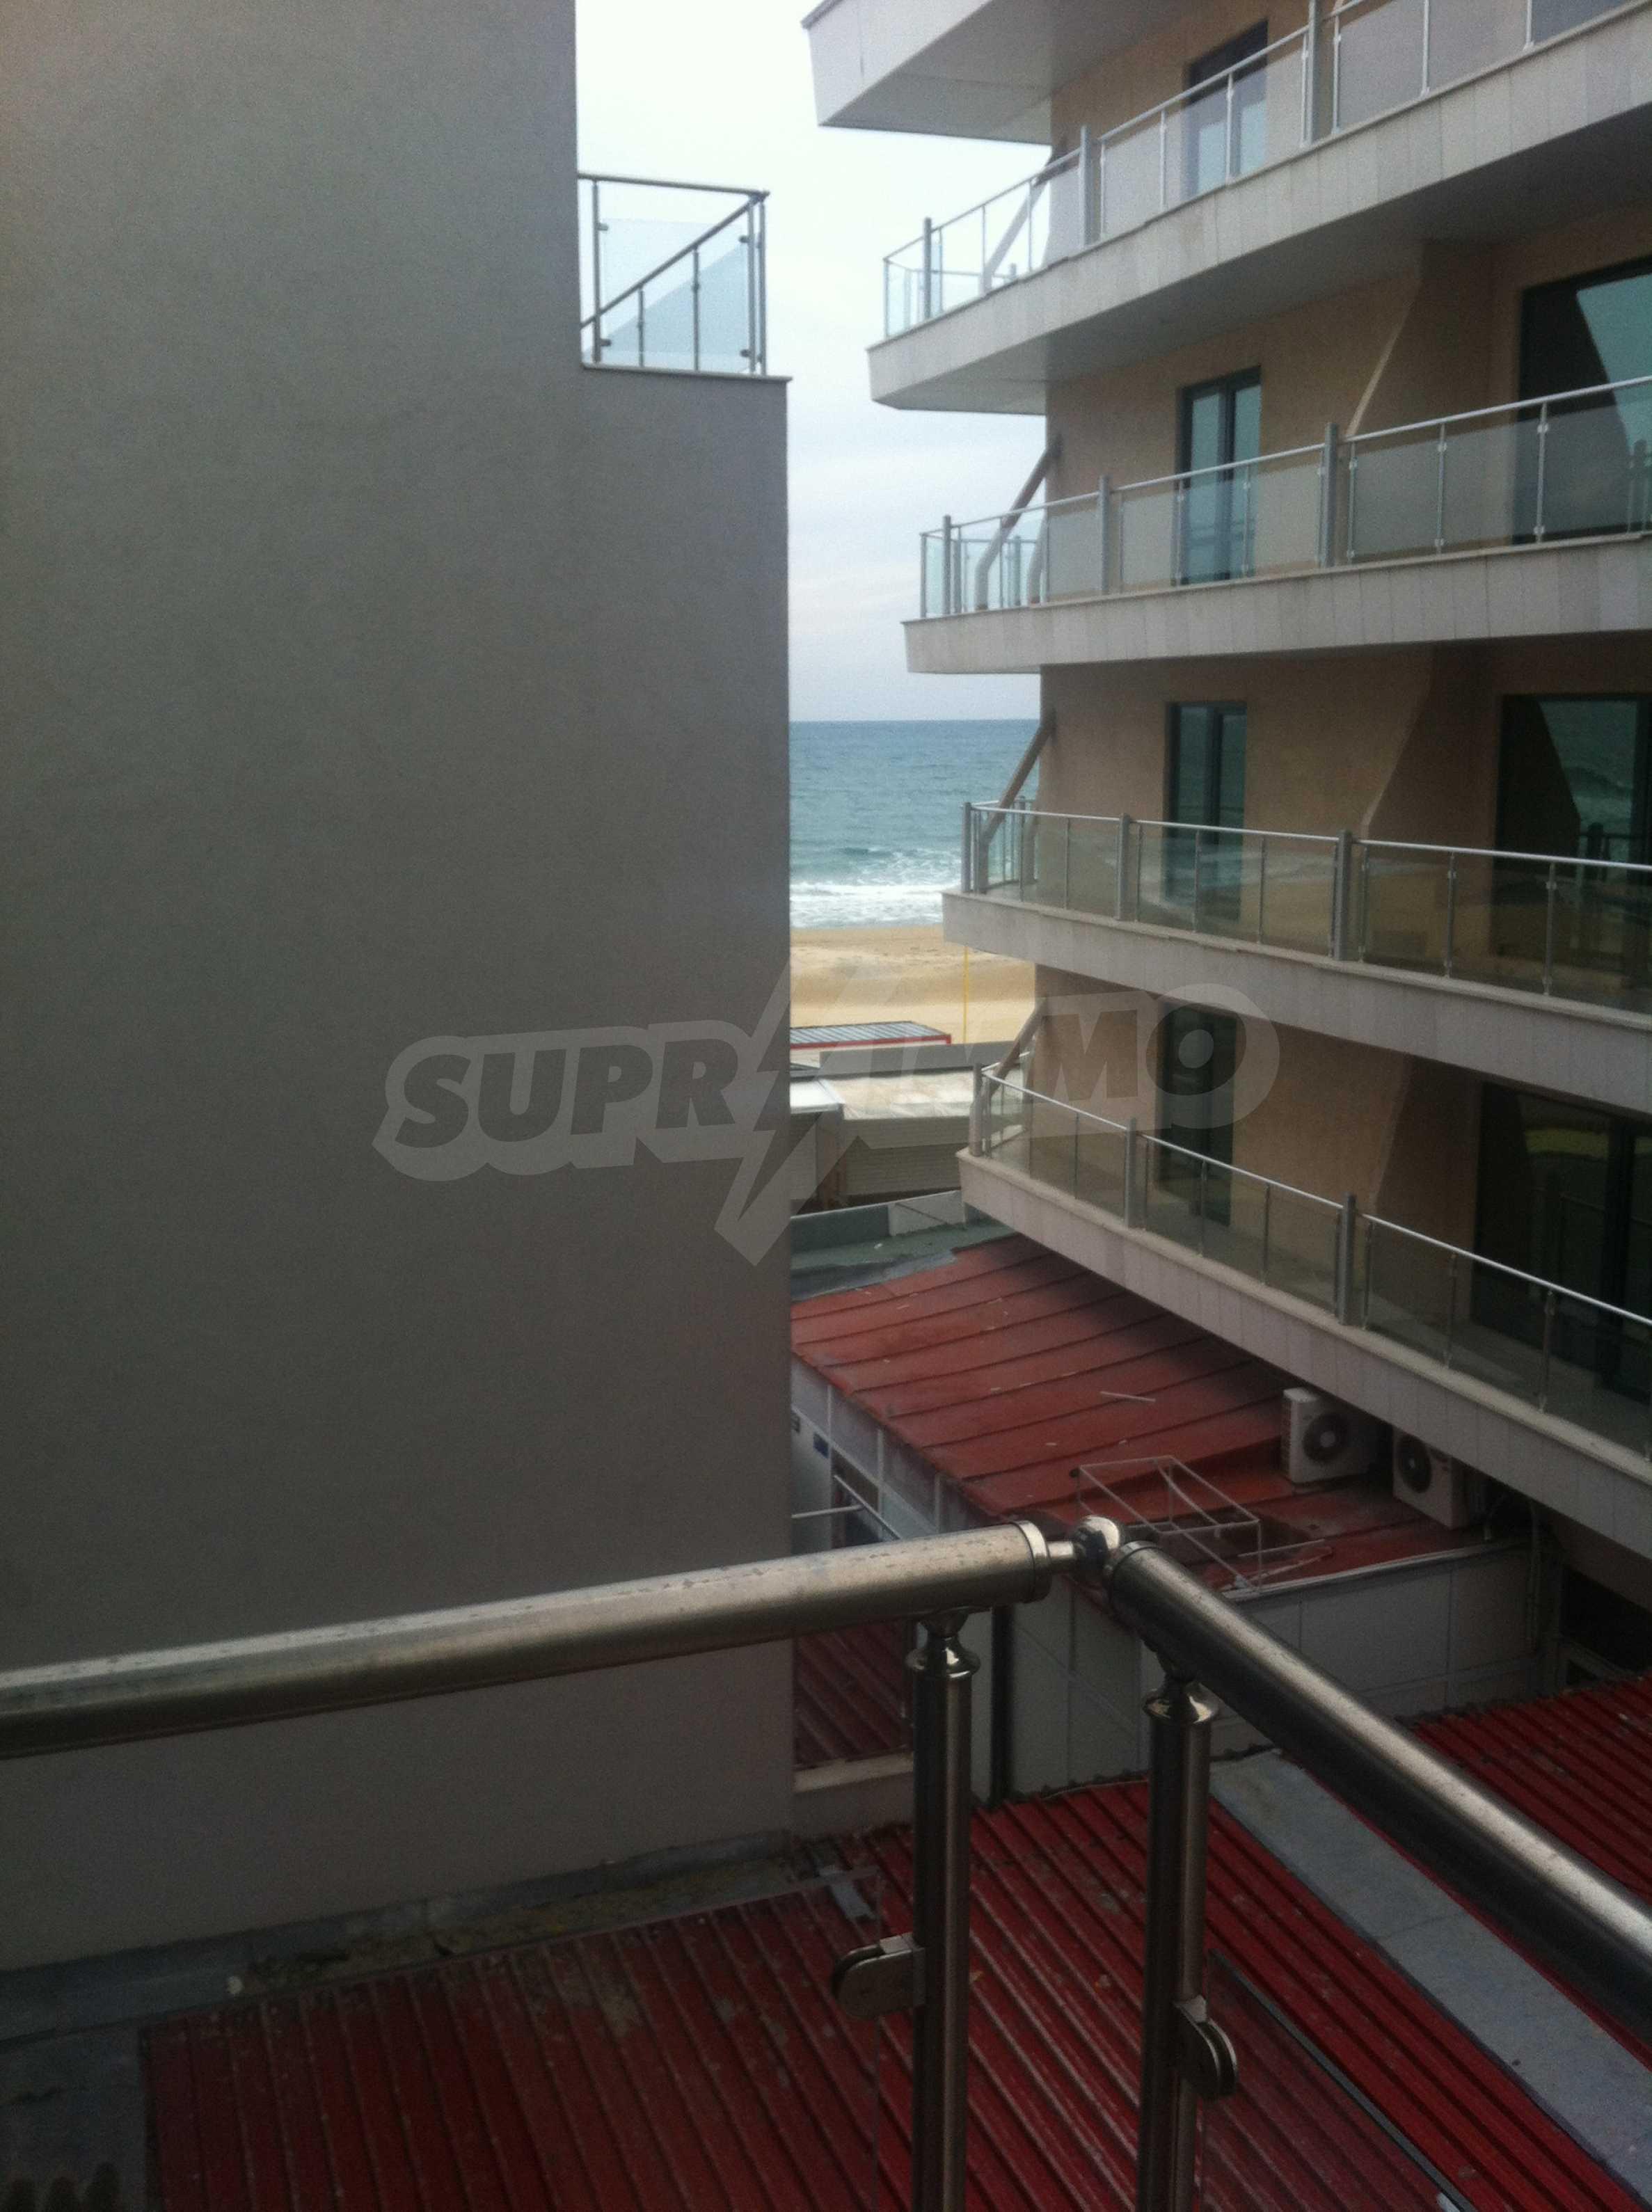 Wohnungen im Sommerkomplex in Sunny Beach 12